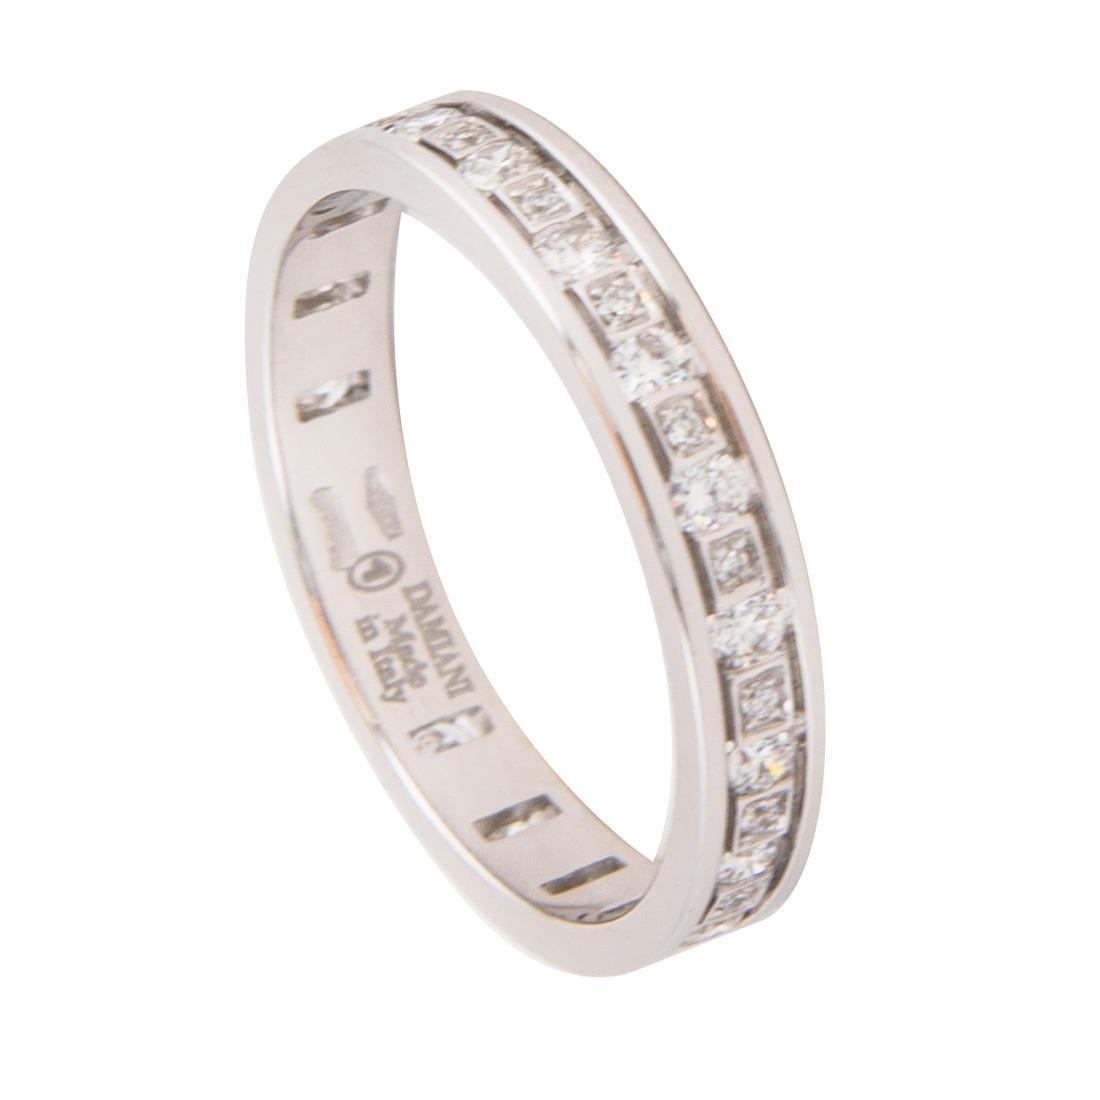 Anello Damiani collezione Belle Epoque in oro bianco con diamanti misura 13 - DAMIANI